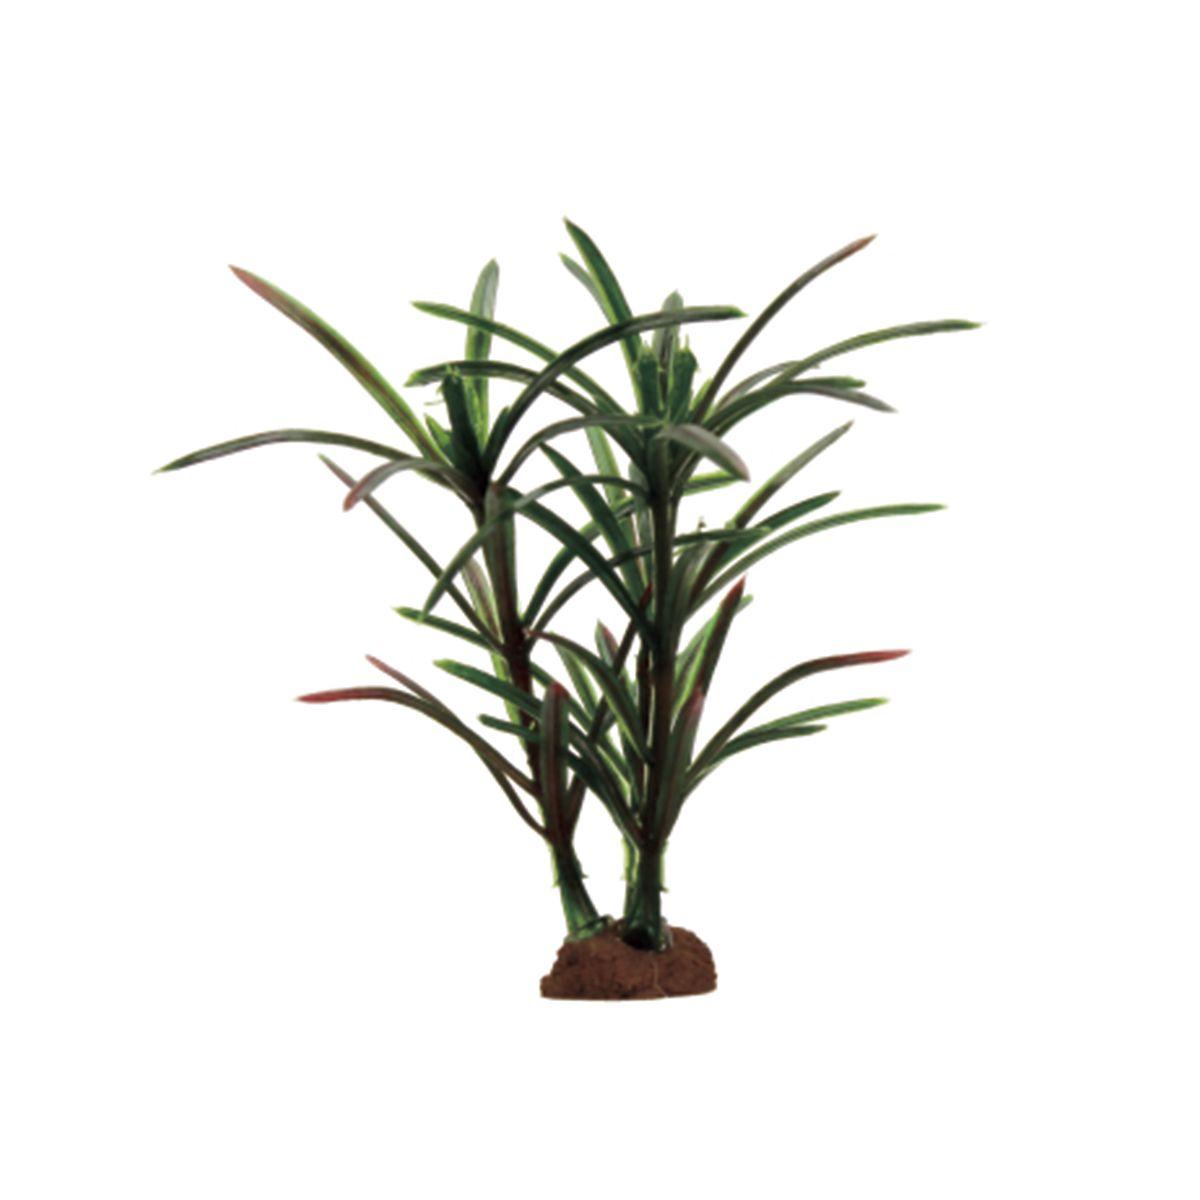 Растение для аквариума ArtUniq Эустералис, высота 10 см, 6 шт0120710Композиция из искусственных растений ArtUniq превосходно украсит и оживит аквариум.Растения - это важная часть любой композиции, они помогут вдохнуть жизнь в ландшафт любого аквариума или террариума. А их сходствос природными порадует даже самых взыскательных ценителей.